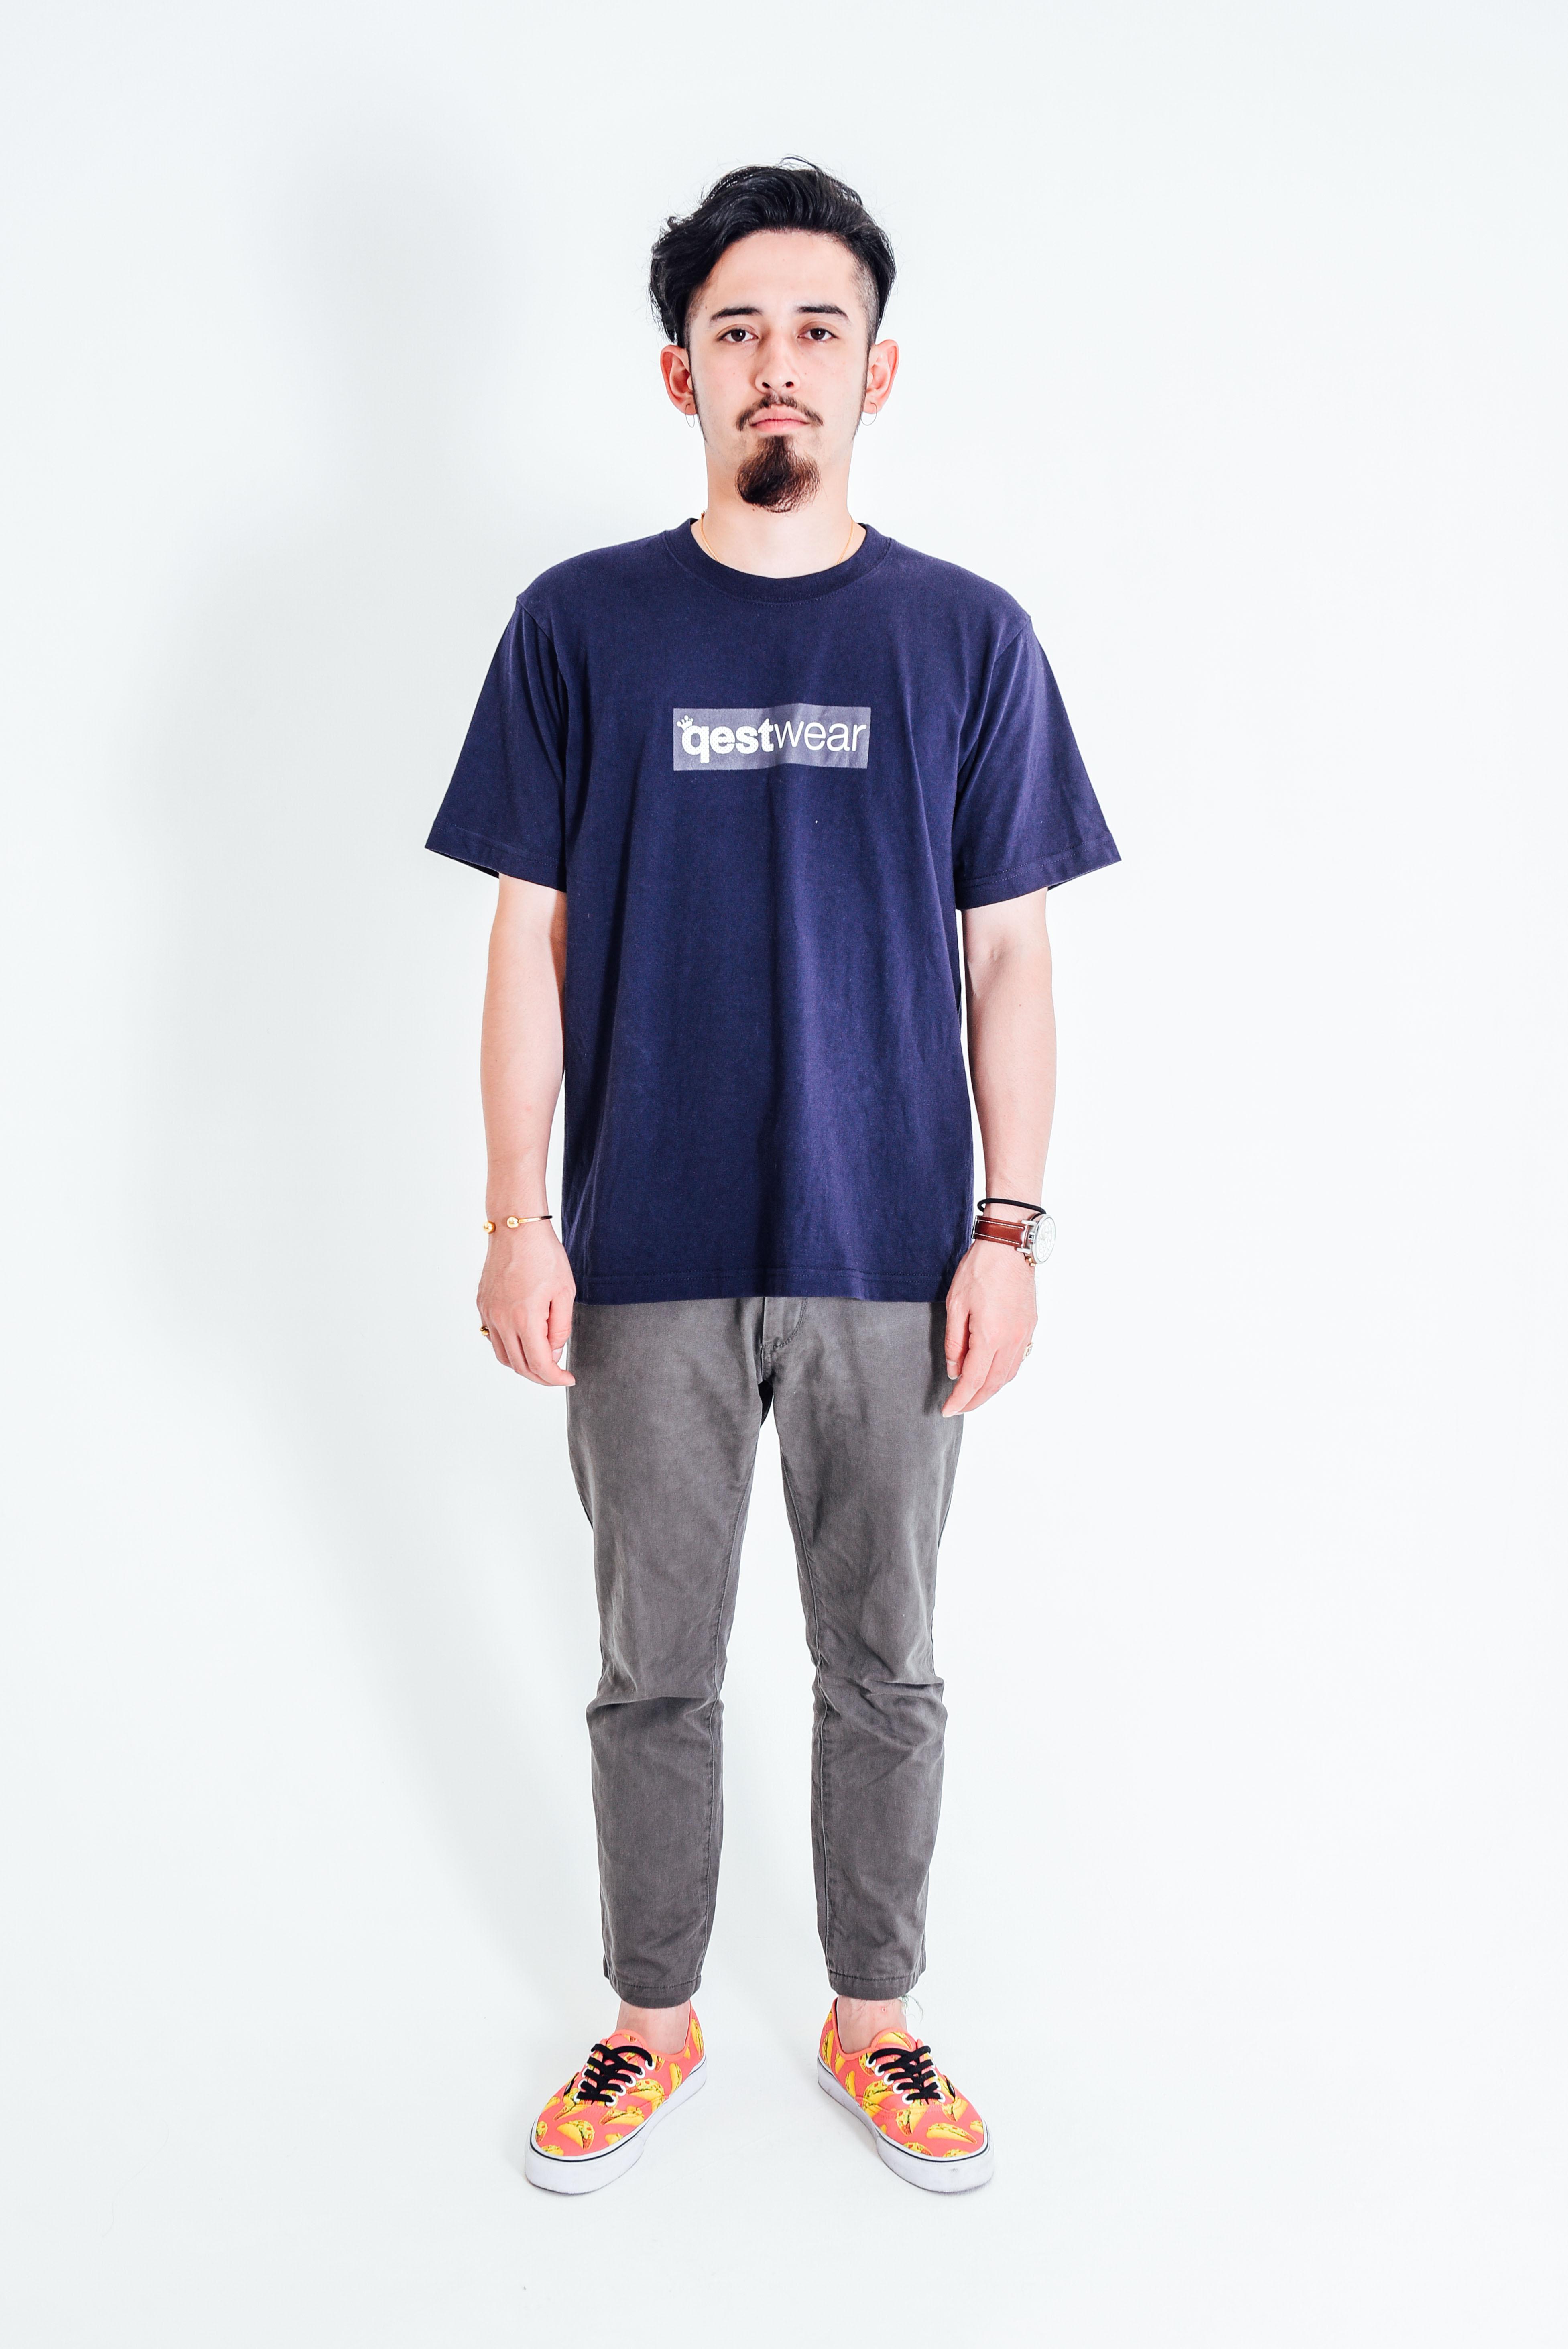 Box Logo Tshirt / Navy - 画像3